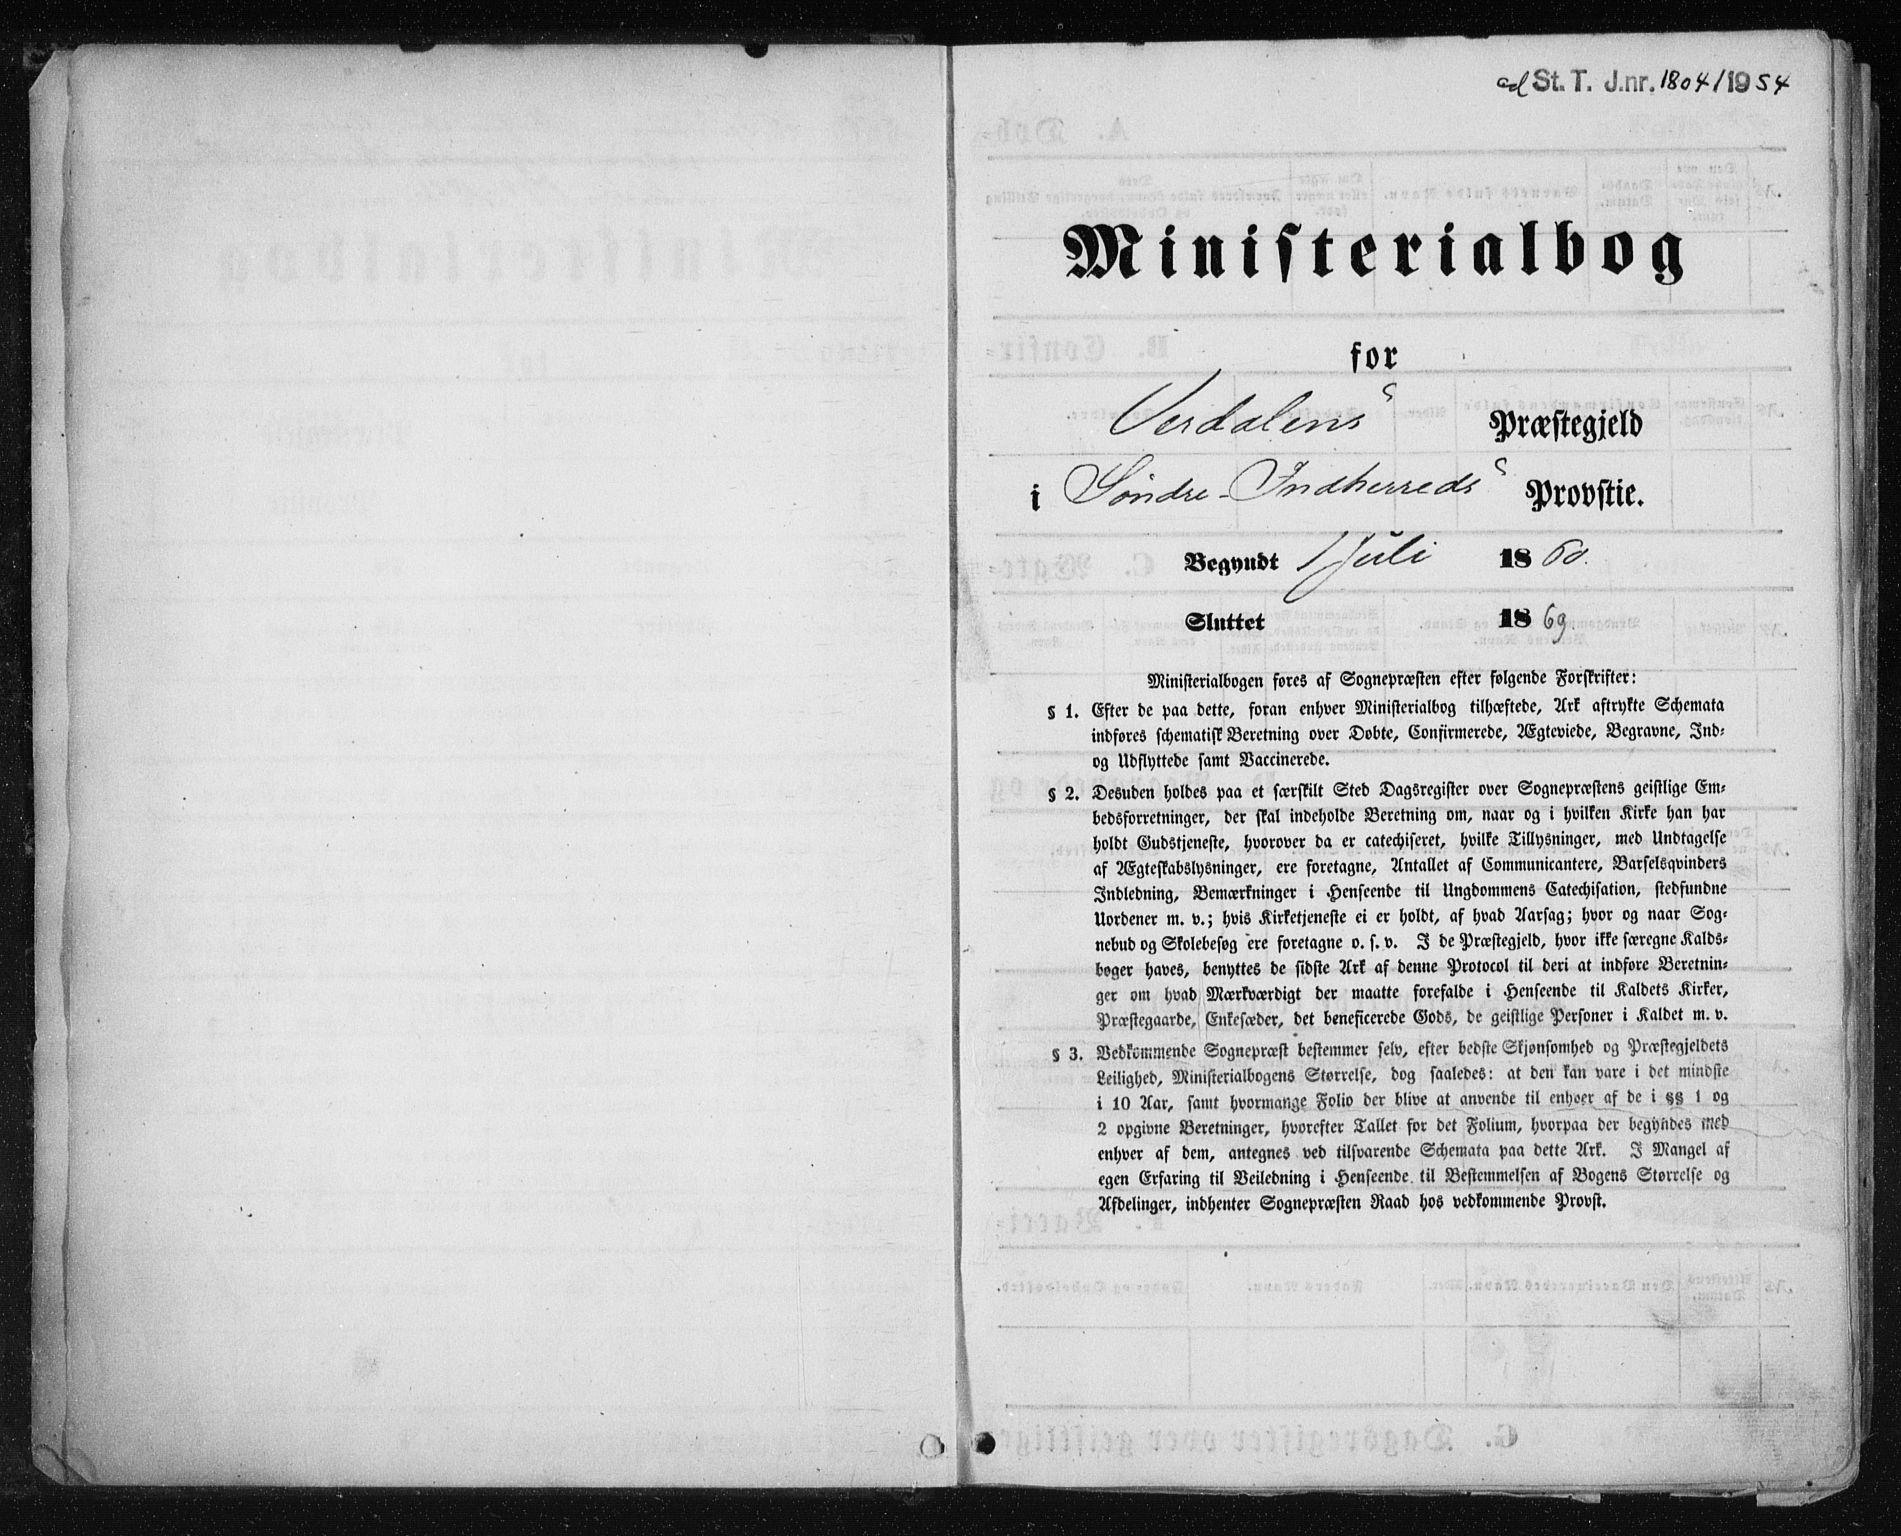 SAT, Ministerialprotokoller, klokkerbøker og fødselsregistre - Nord-Trøndelag, 723/L0241: Ministerialbok nr. 723A10, 1860-1869